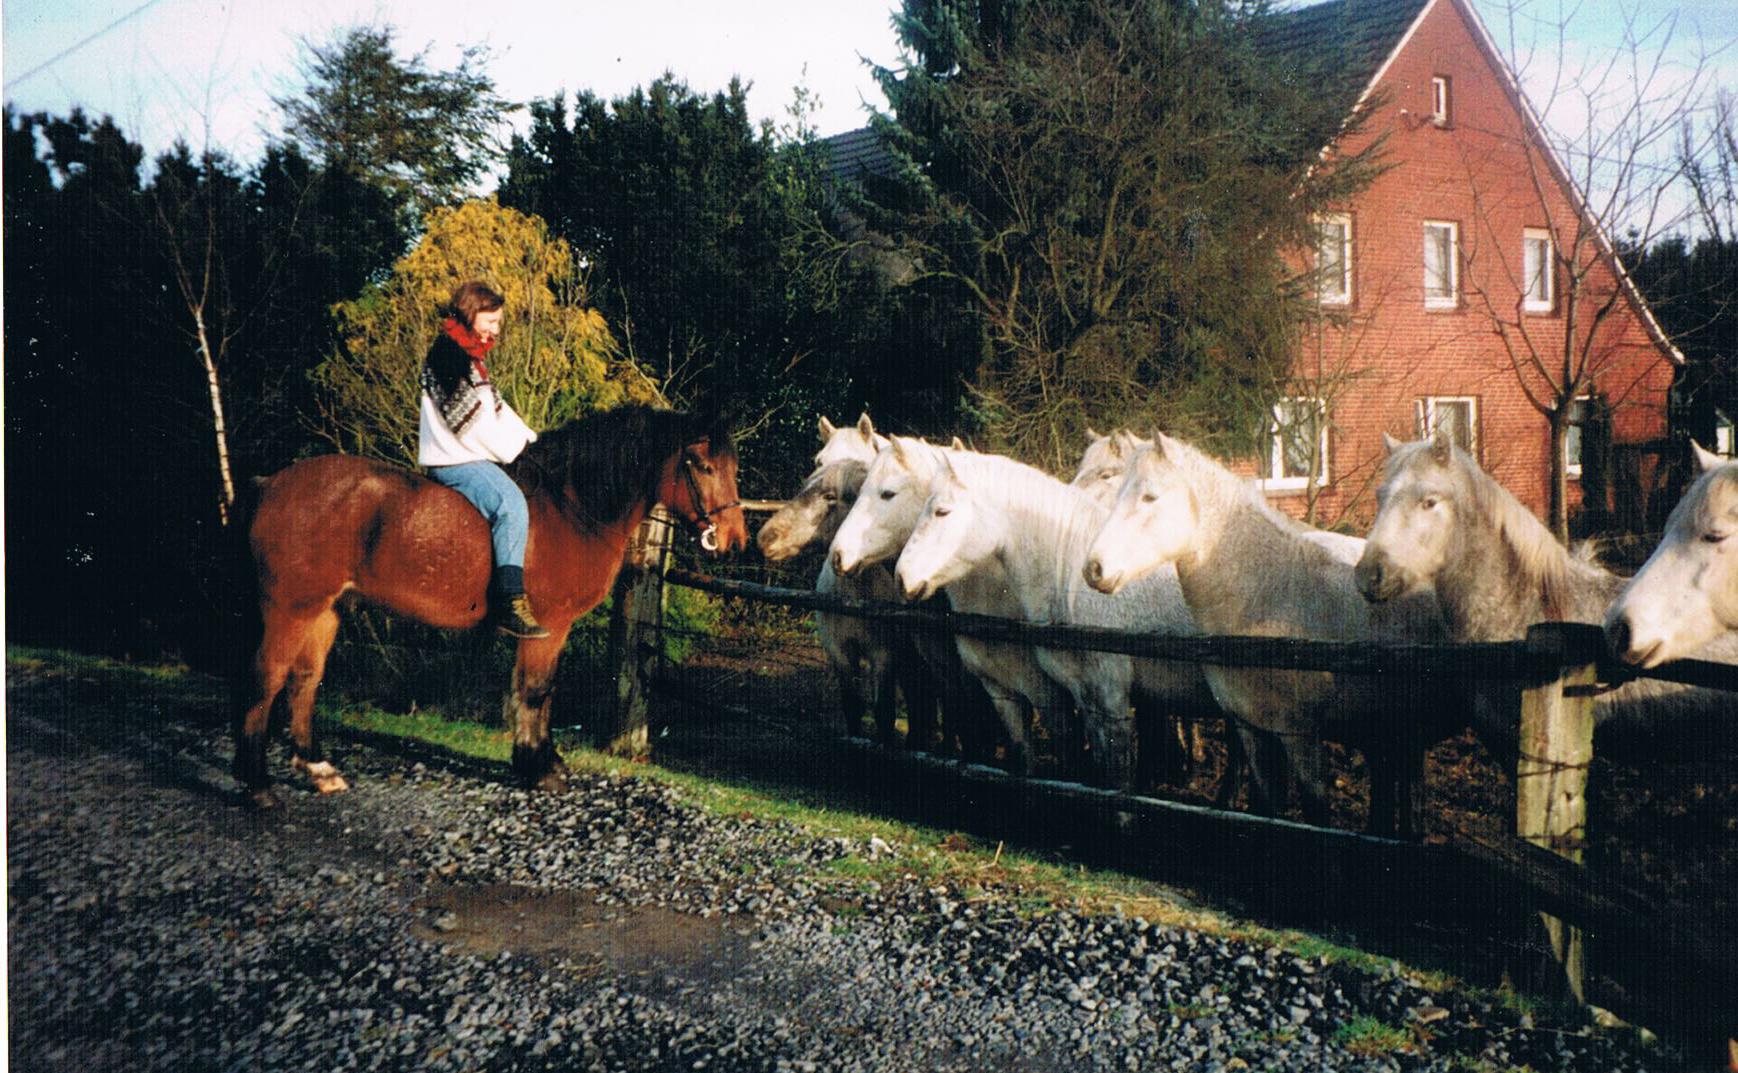 Jugend mit Pferden; Foto: ©Mirjam Steinbock